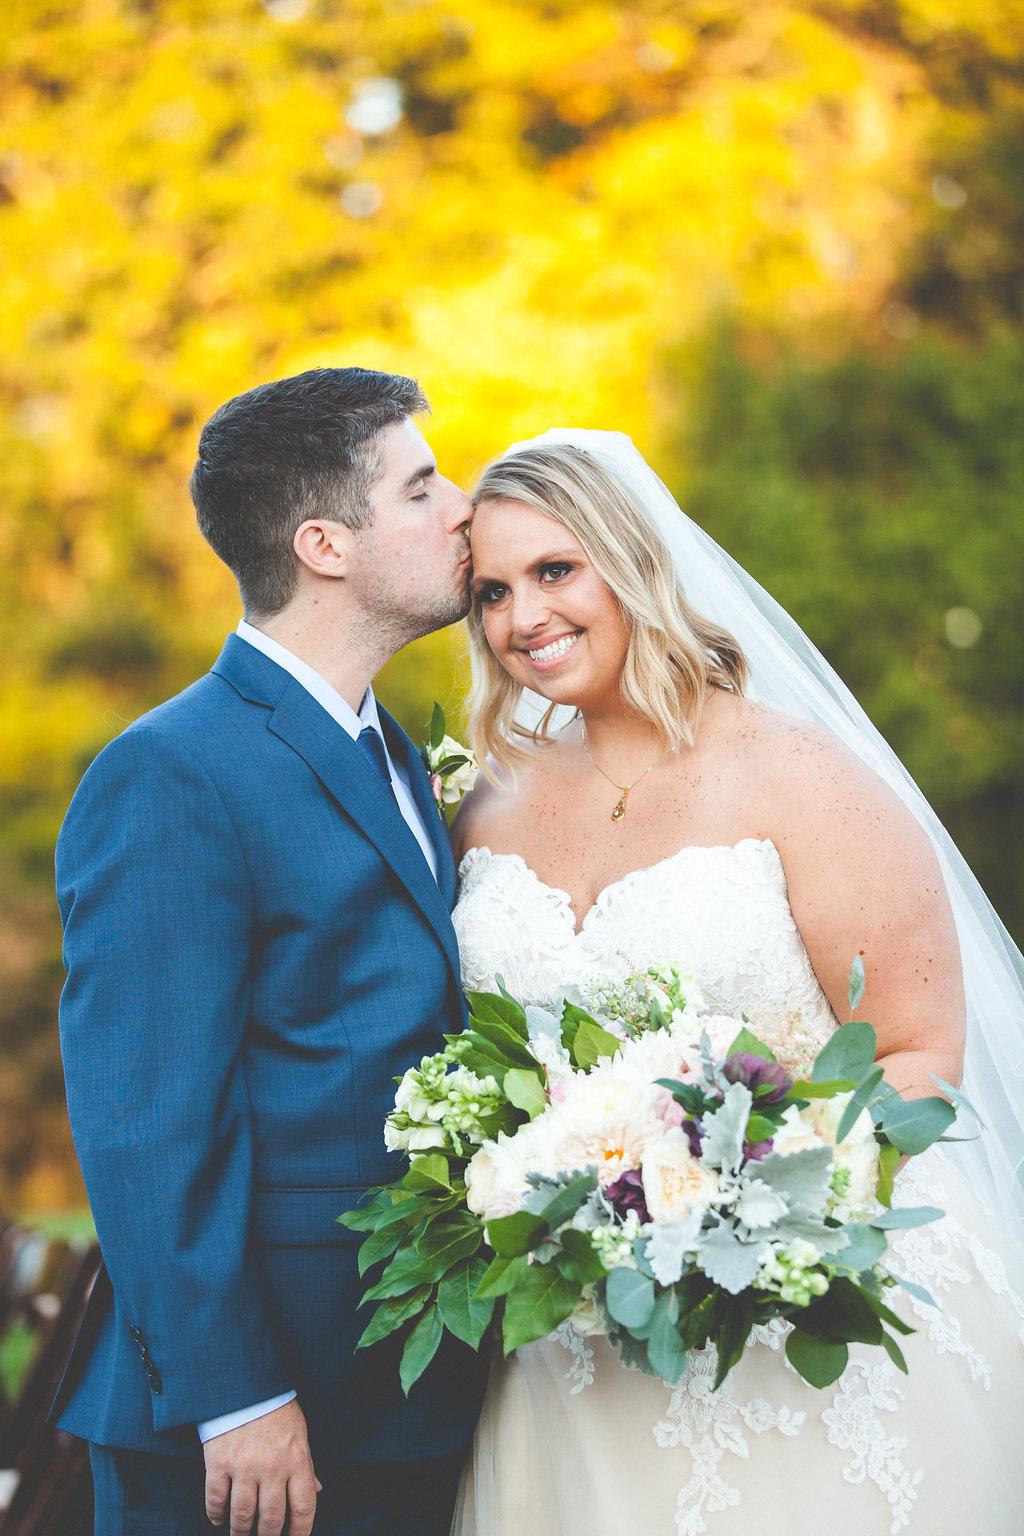 Mr. & Mrs. Darby